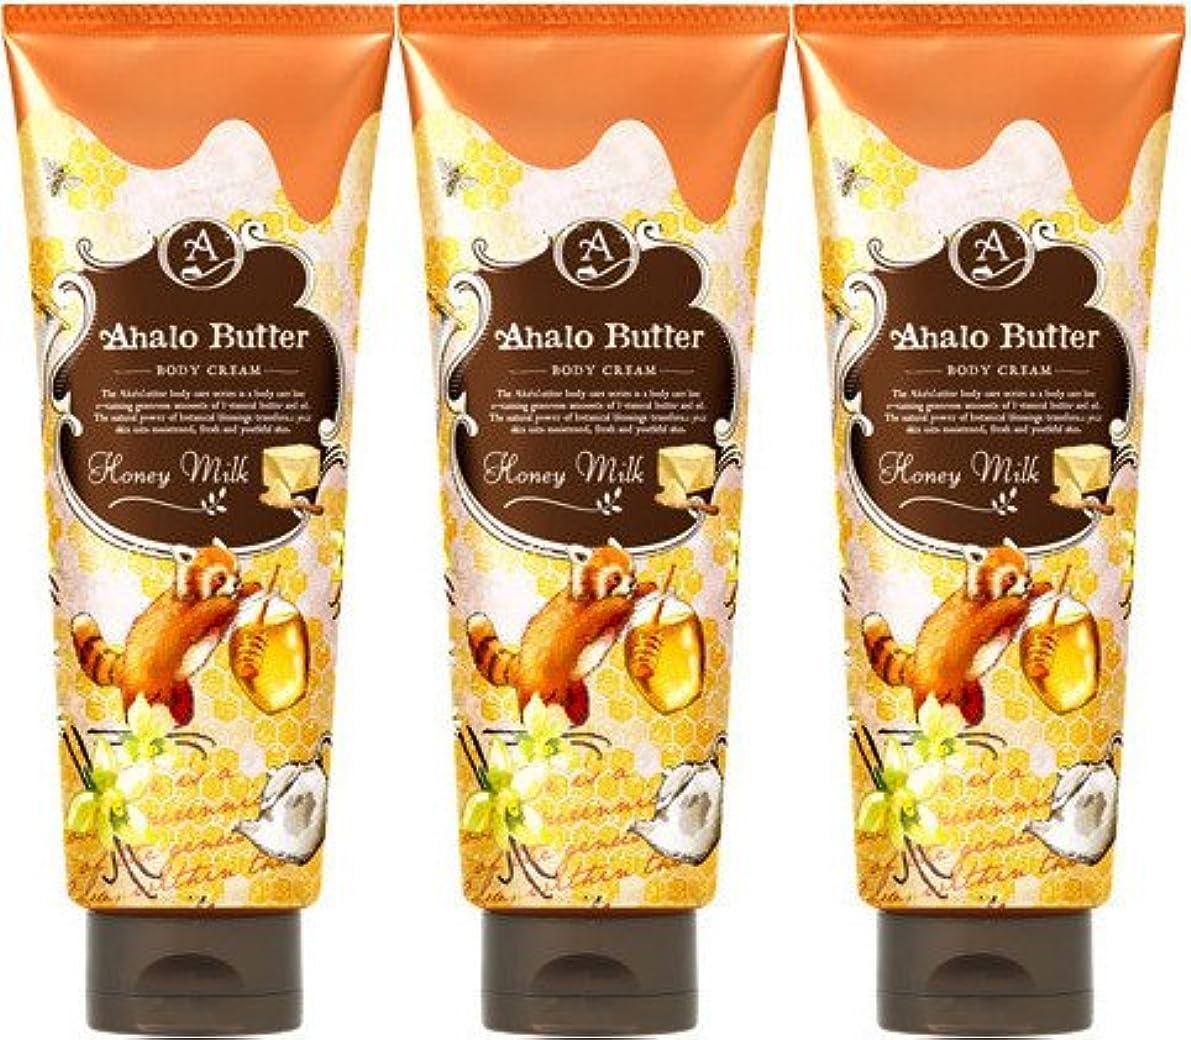 広告アスレチック非常に【3個セット】Ahalo butter(アハロバター) ボディクリーム ハニーミルク 150g